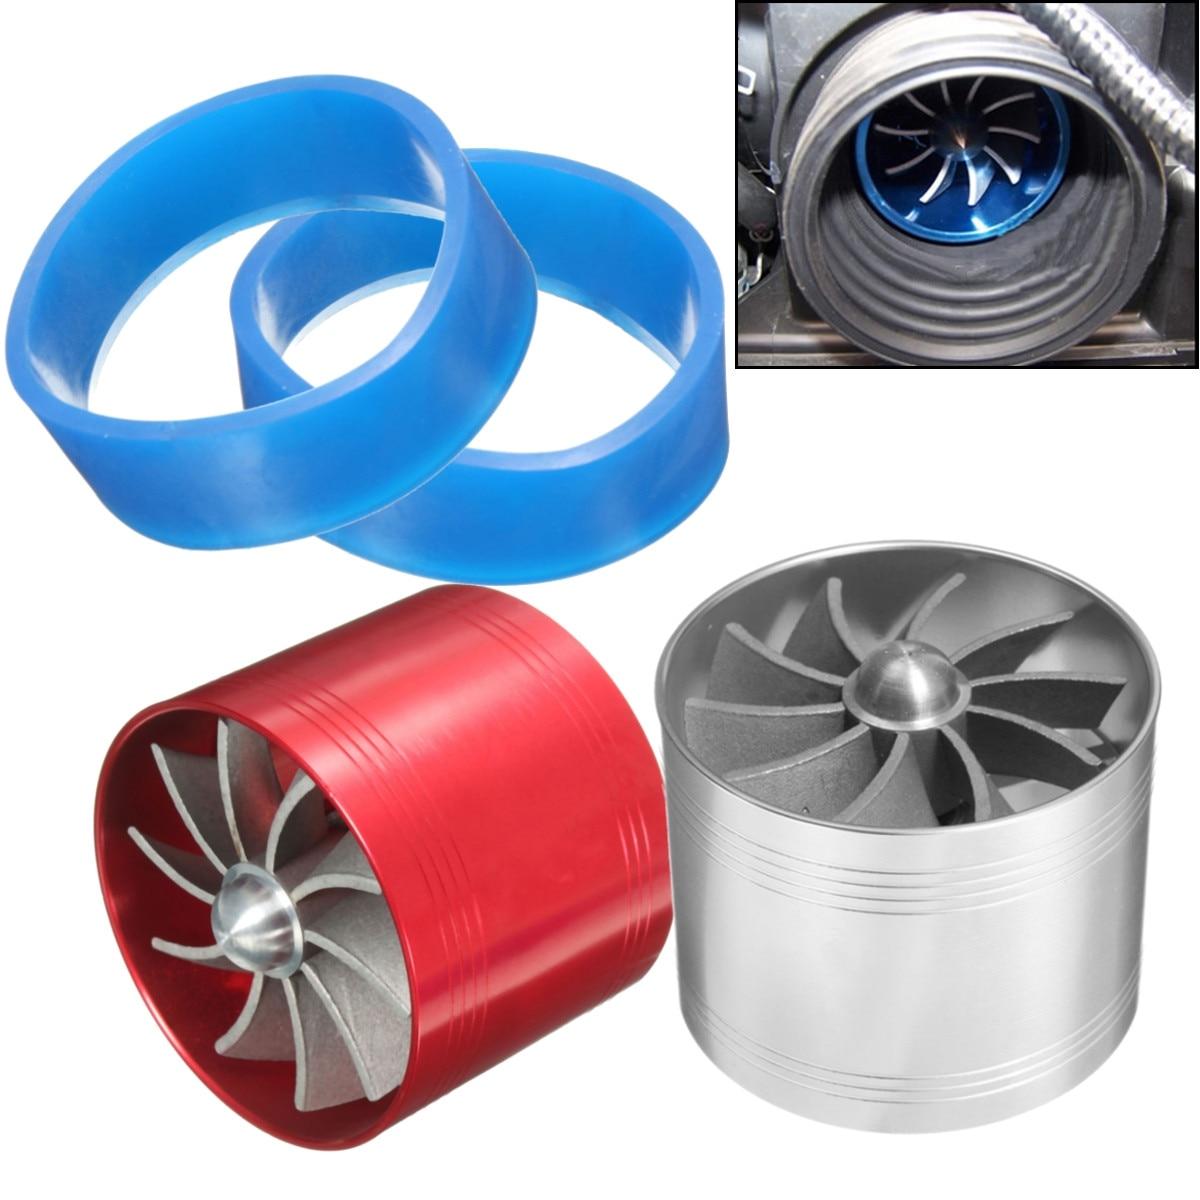 Nuevo supercargador Universal de ahorro de Gas de combustible para coche para cargador turbo turbocharger ventilador de entrada de filtro de aire aumento de ahorro de combustible